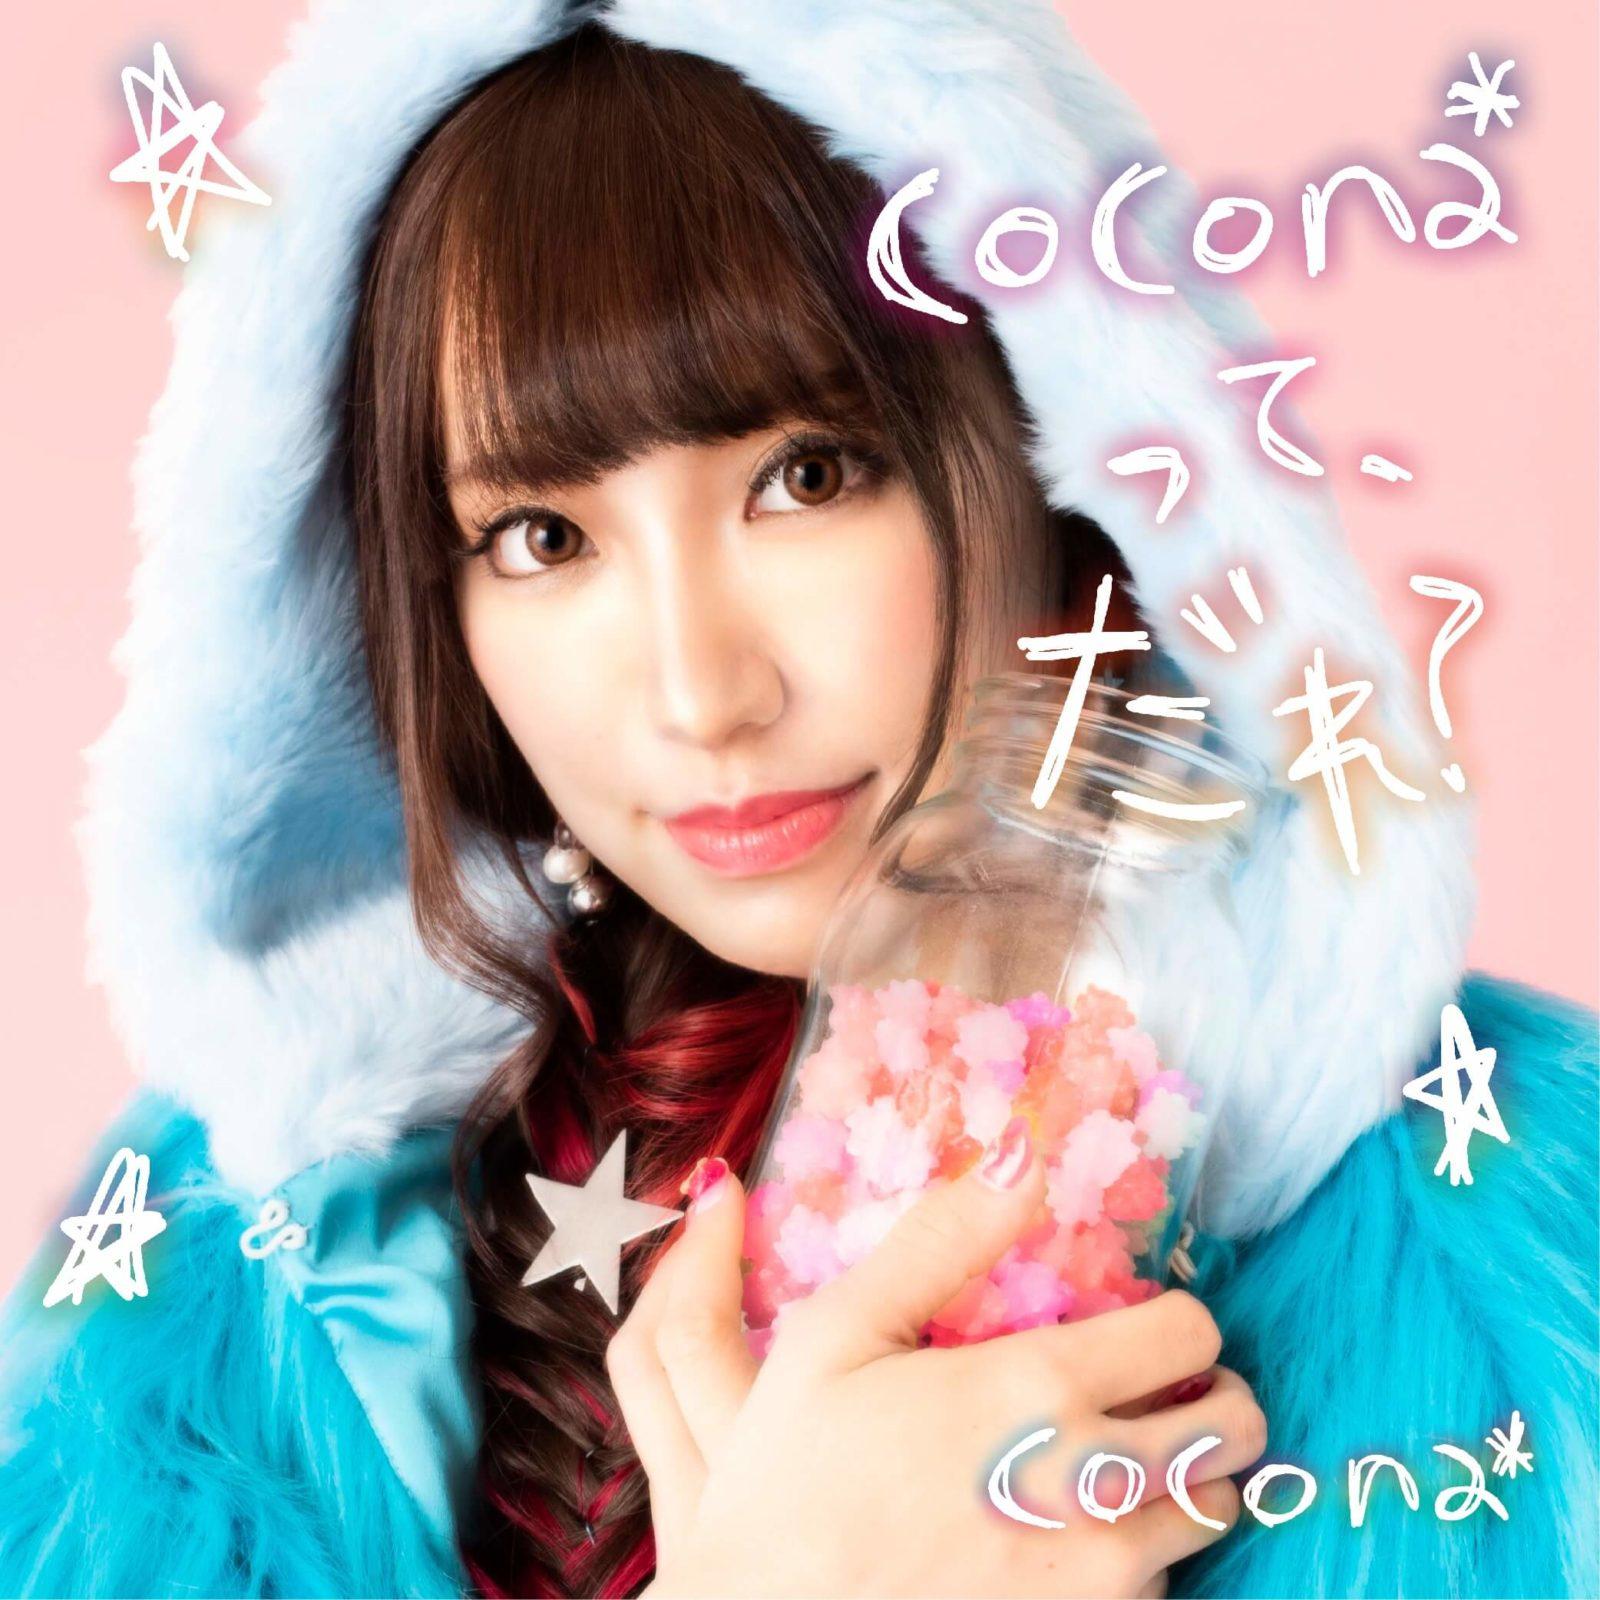 動画配信で大人気!シンガーソングライターcocona*、1stフルアルバムの先行予約スタートサムネイル画像